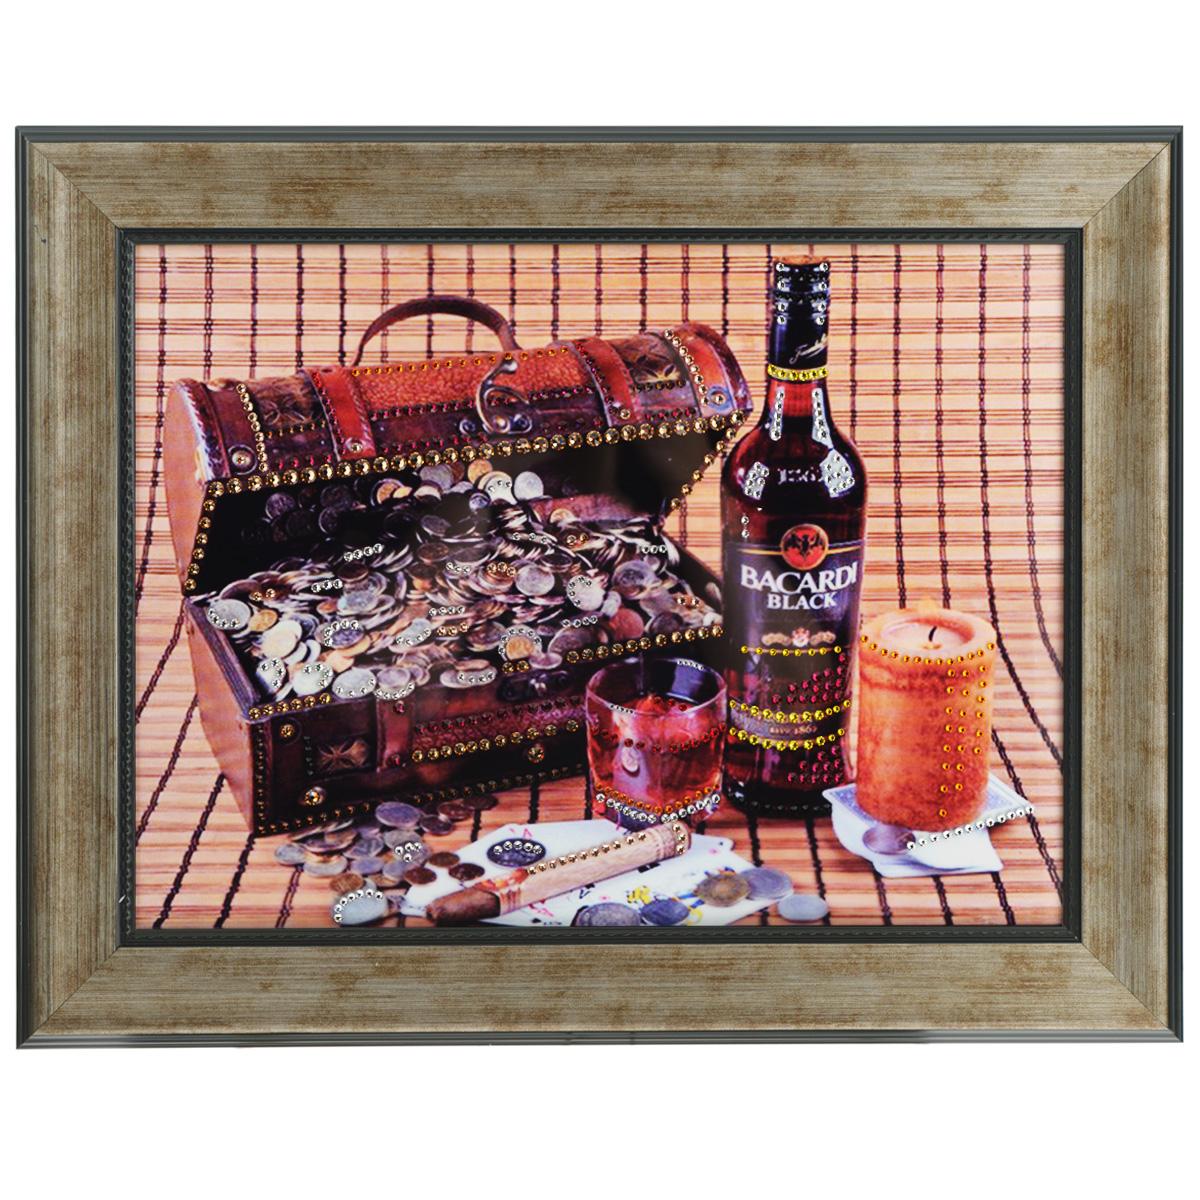 Картина с кристаллами Swarovski Мужской набор, 49 см х 39 см1407Изящная картина в багетной раме, инкрустирована кристаллами Swarovski, которые отличаются четкой и ровной огранкой, ярким блеском и чистотой цвета. Красочное изображение сундучка с деньгами, бутылки виски и сигары, расположенное под стеклом, прекрасно дополняет блеск кристаллов. С обратной стороны имеется металлическая проволока для размещения картины на стене. Картина с кристаллами Swarovski Мужской набор элегантно украсит интерьер дома или офиса, а также станет прекрасным подарком, который обязательно понравится получателю. Блеск кристаллов в интерьере, что может быть сказочнее и удивительнее. Картина упакована в подарочную картонную коробку синего цвета и комплектуется сертификатом соответствия Swarovski.